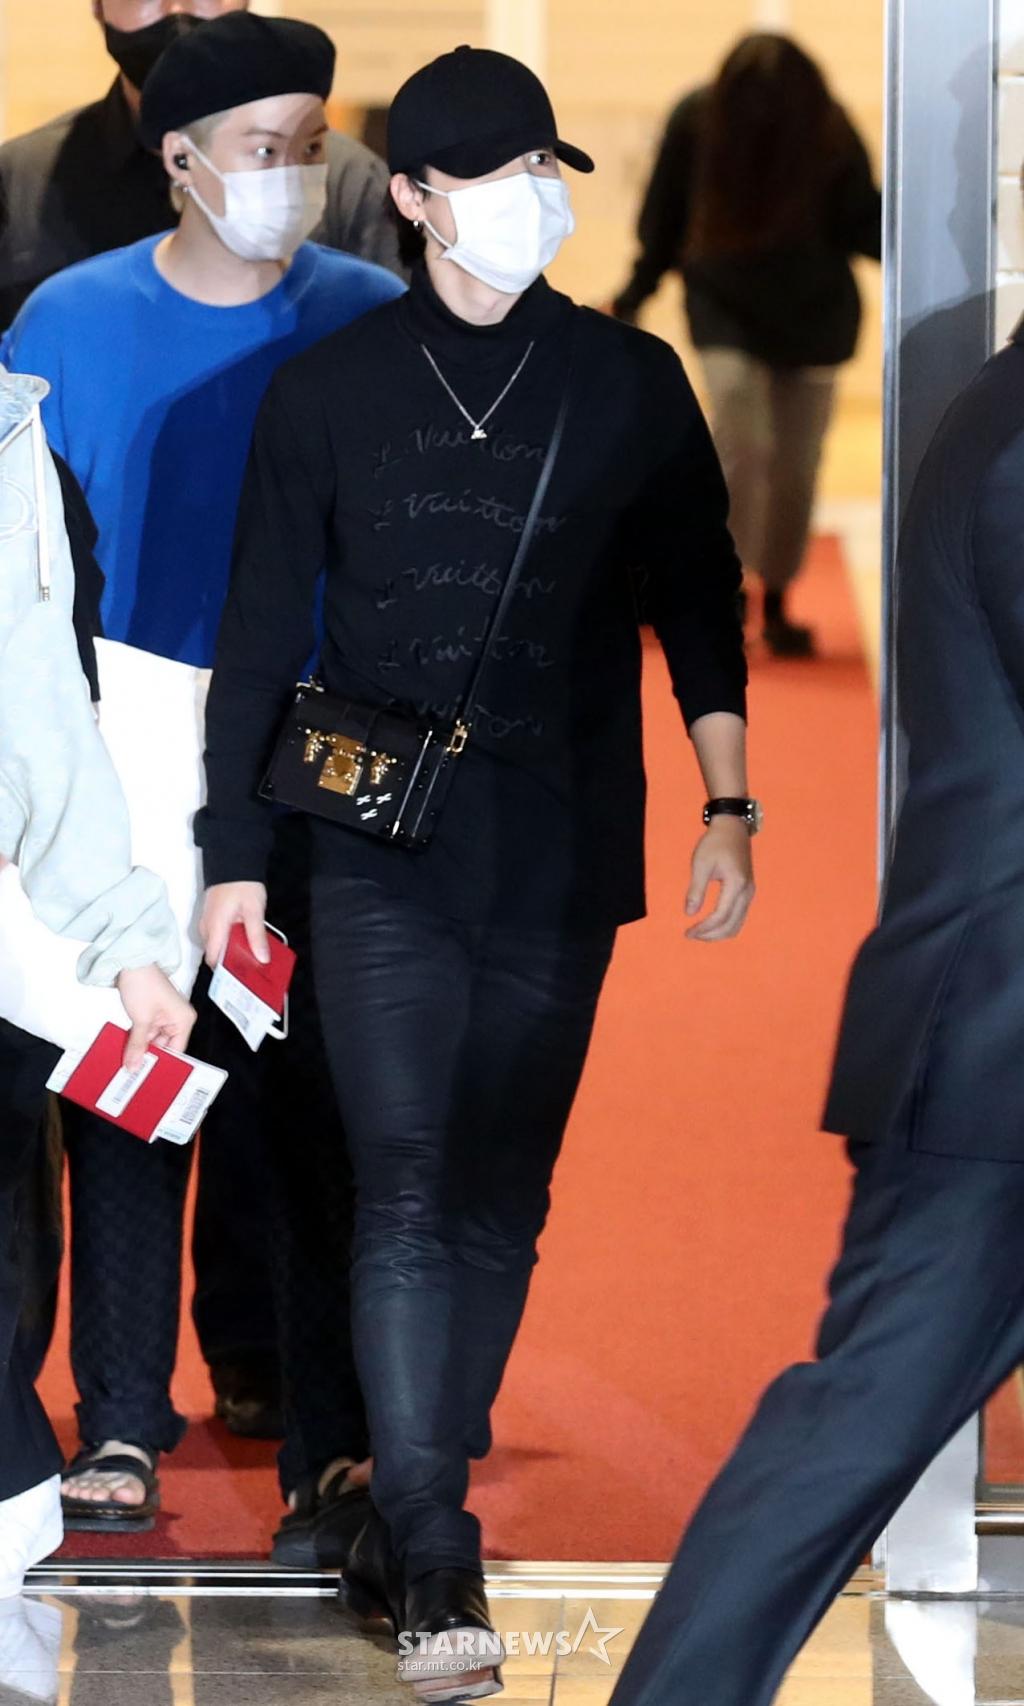 BTS đổ bộ sân bay sang Mỹ dự hội nghị Liên Hợp Quốc: V - Jungkook đeo khẩu trang kín mít vẫn soái xỉu, nhìn quần áo của J-Hope mà bật ngửa - Ảnh 9.